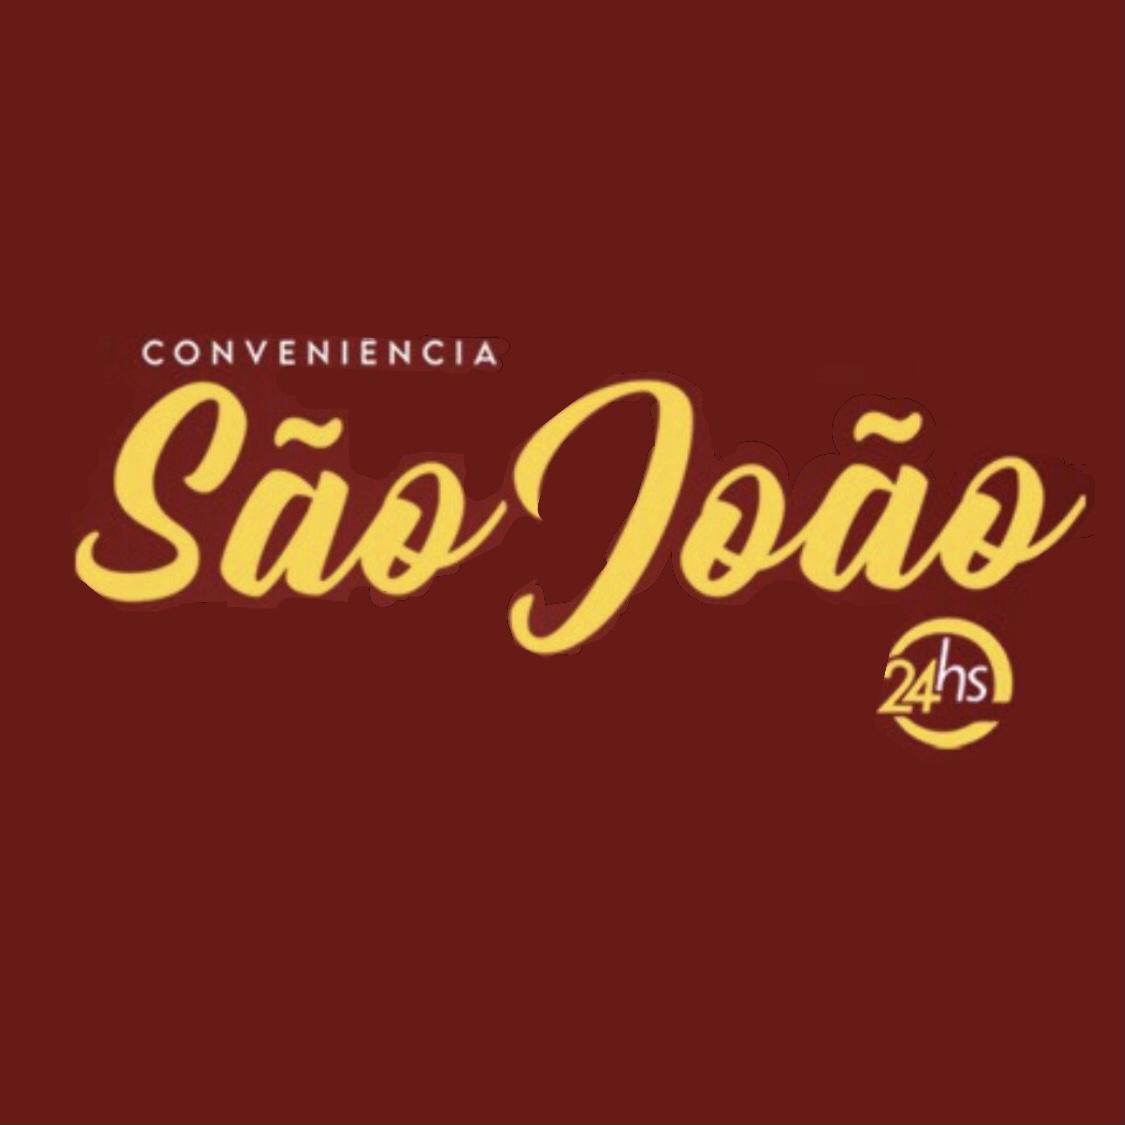 Conveniência São João